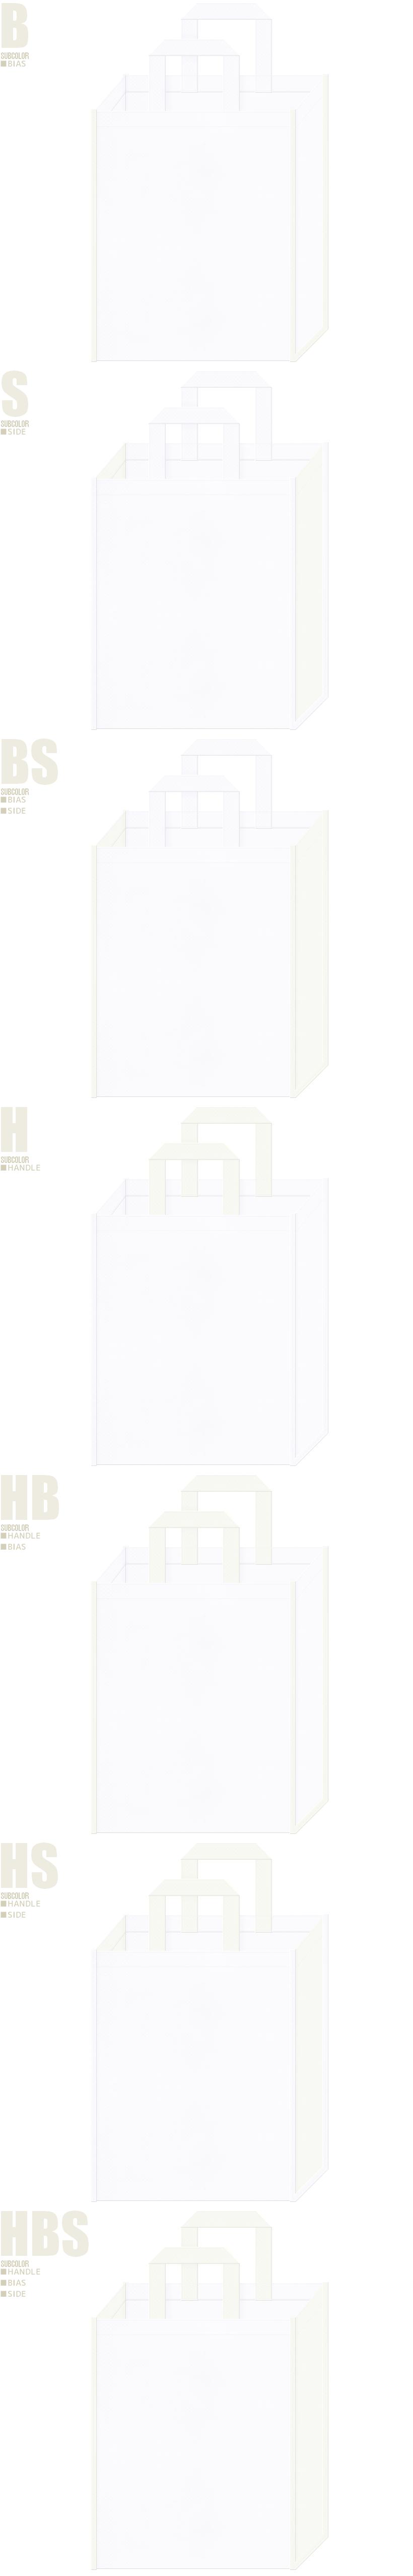 白色とオフホワイト-真っ白とは少し違いのある白色不織布バッグのデザイン例です。